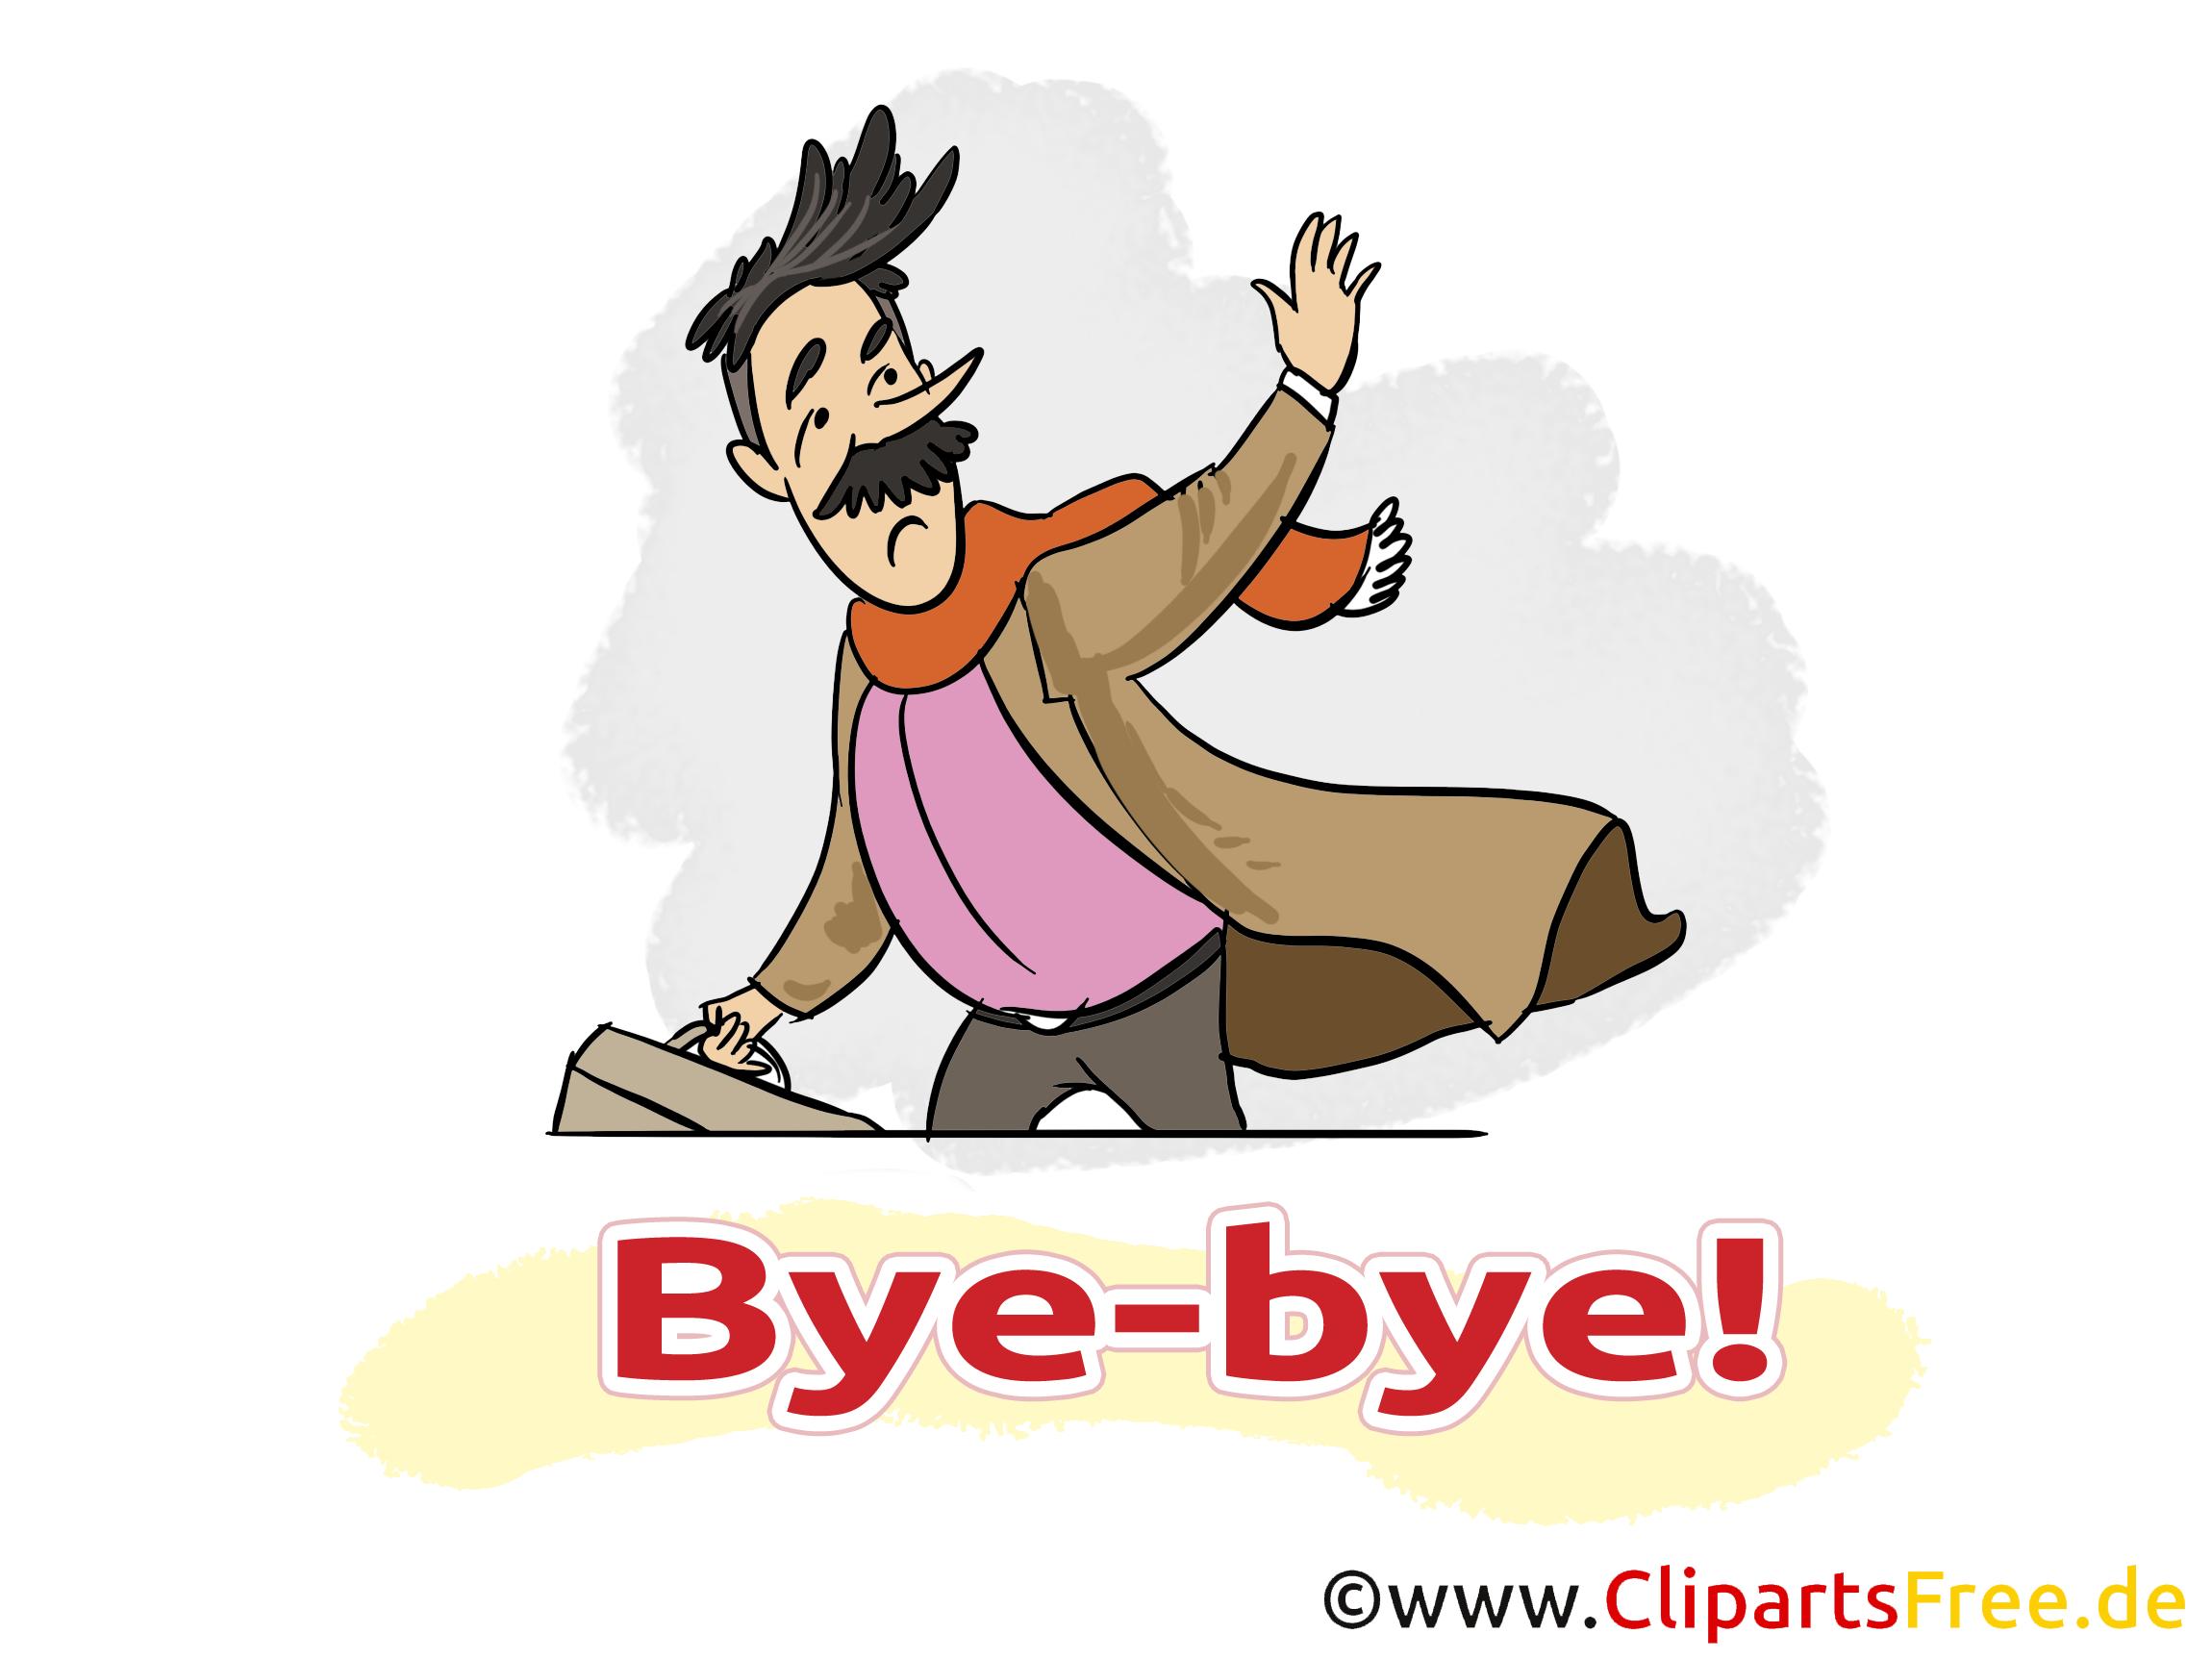 Homme image gratuite - Adieu illustration